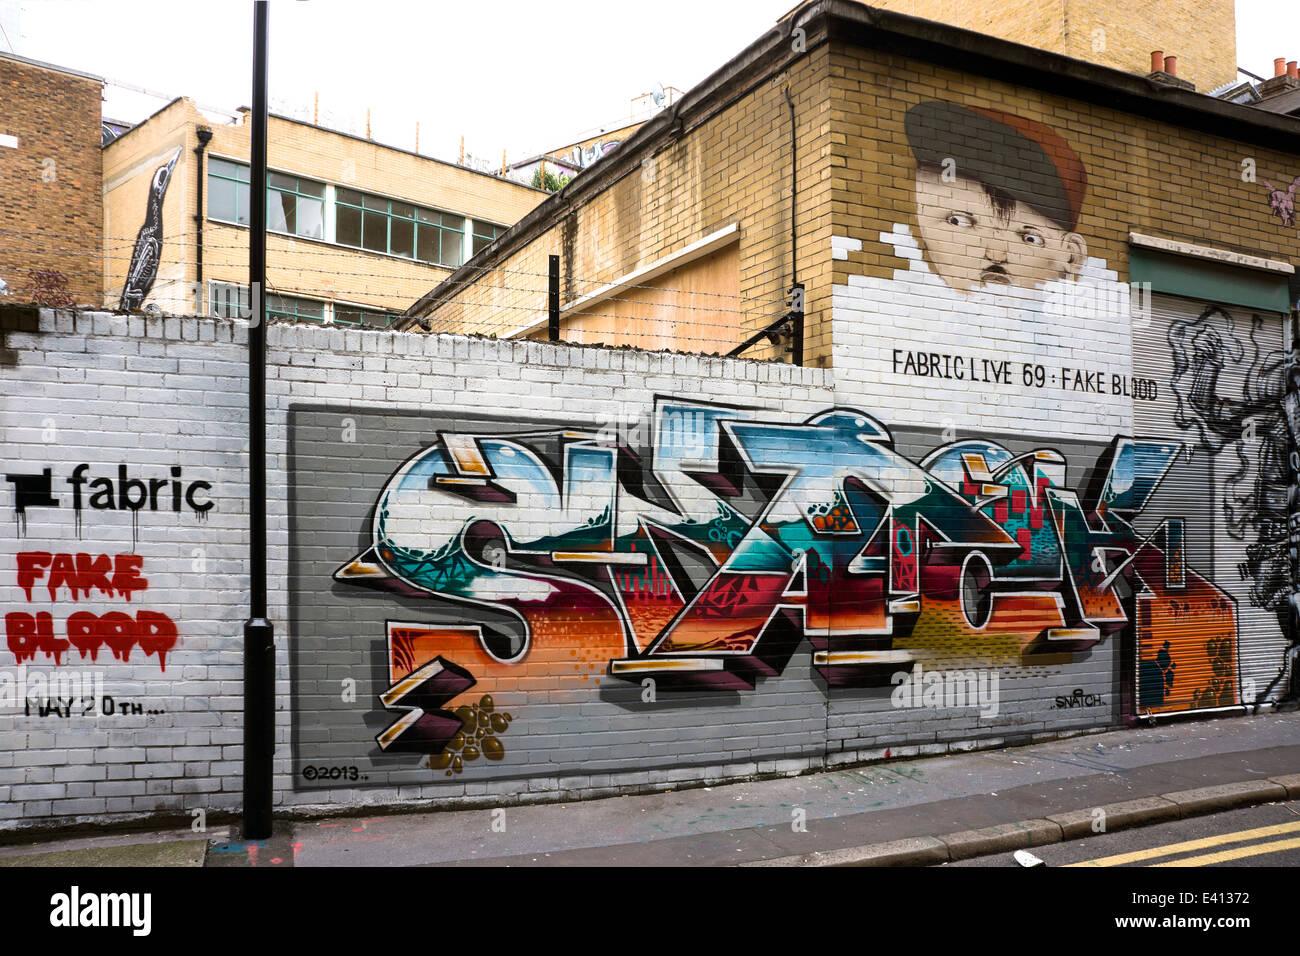 Graffiti roa london stock photos graffiti roa london for Tattoo shop hackney road